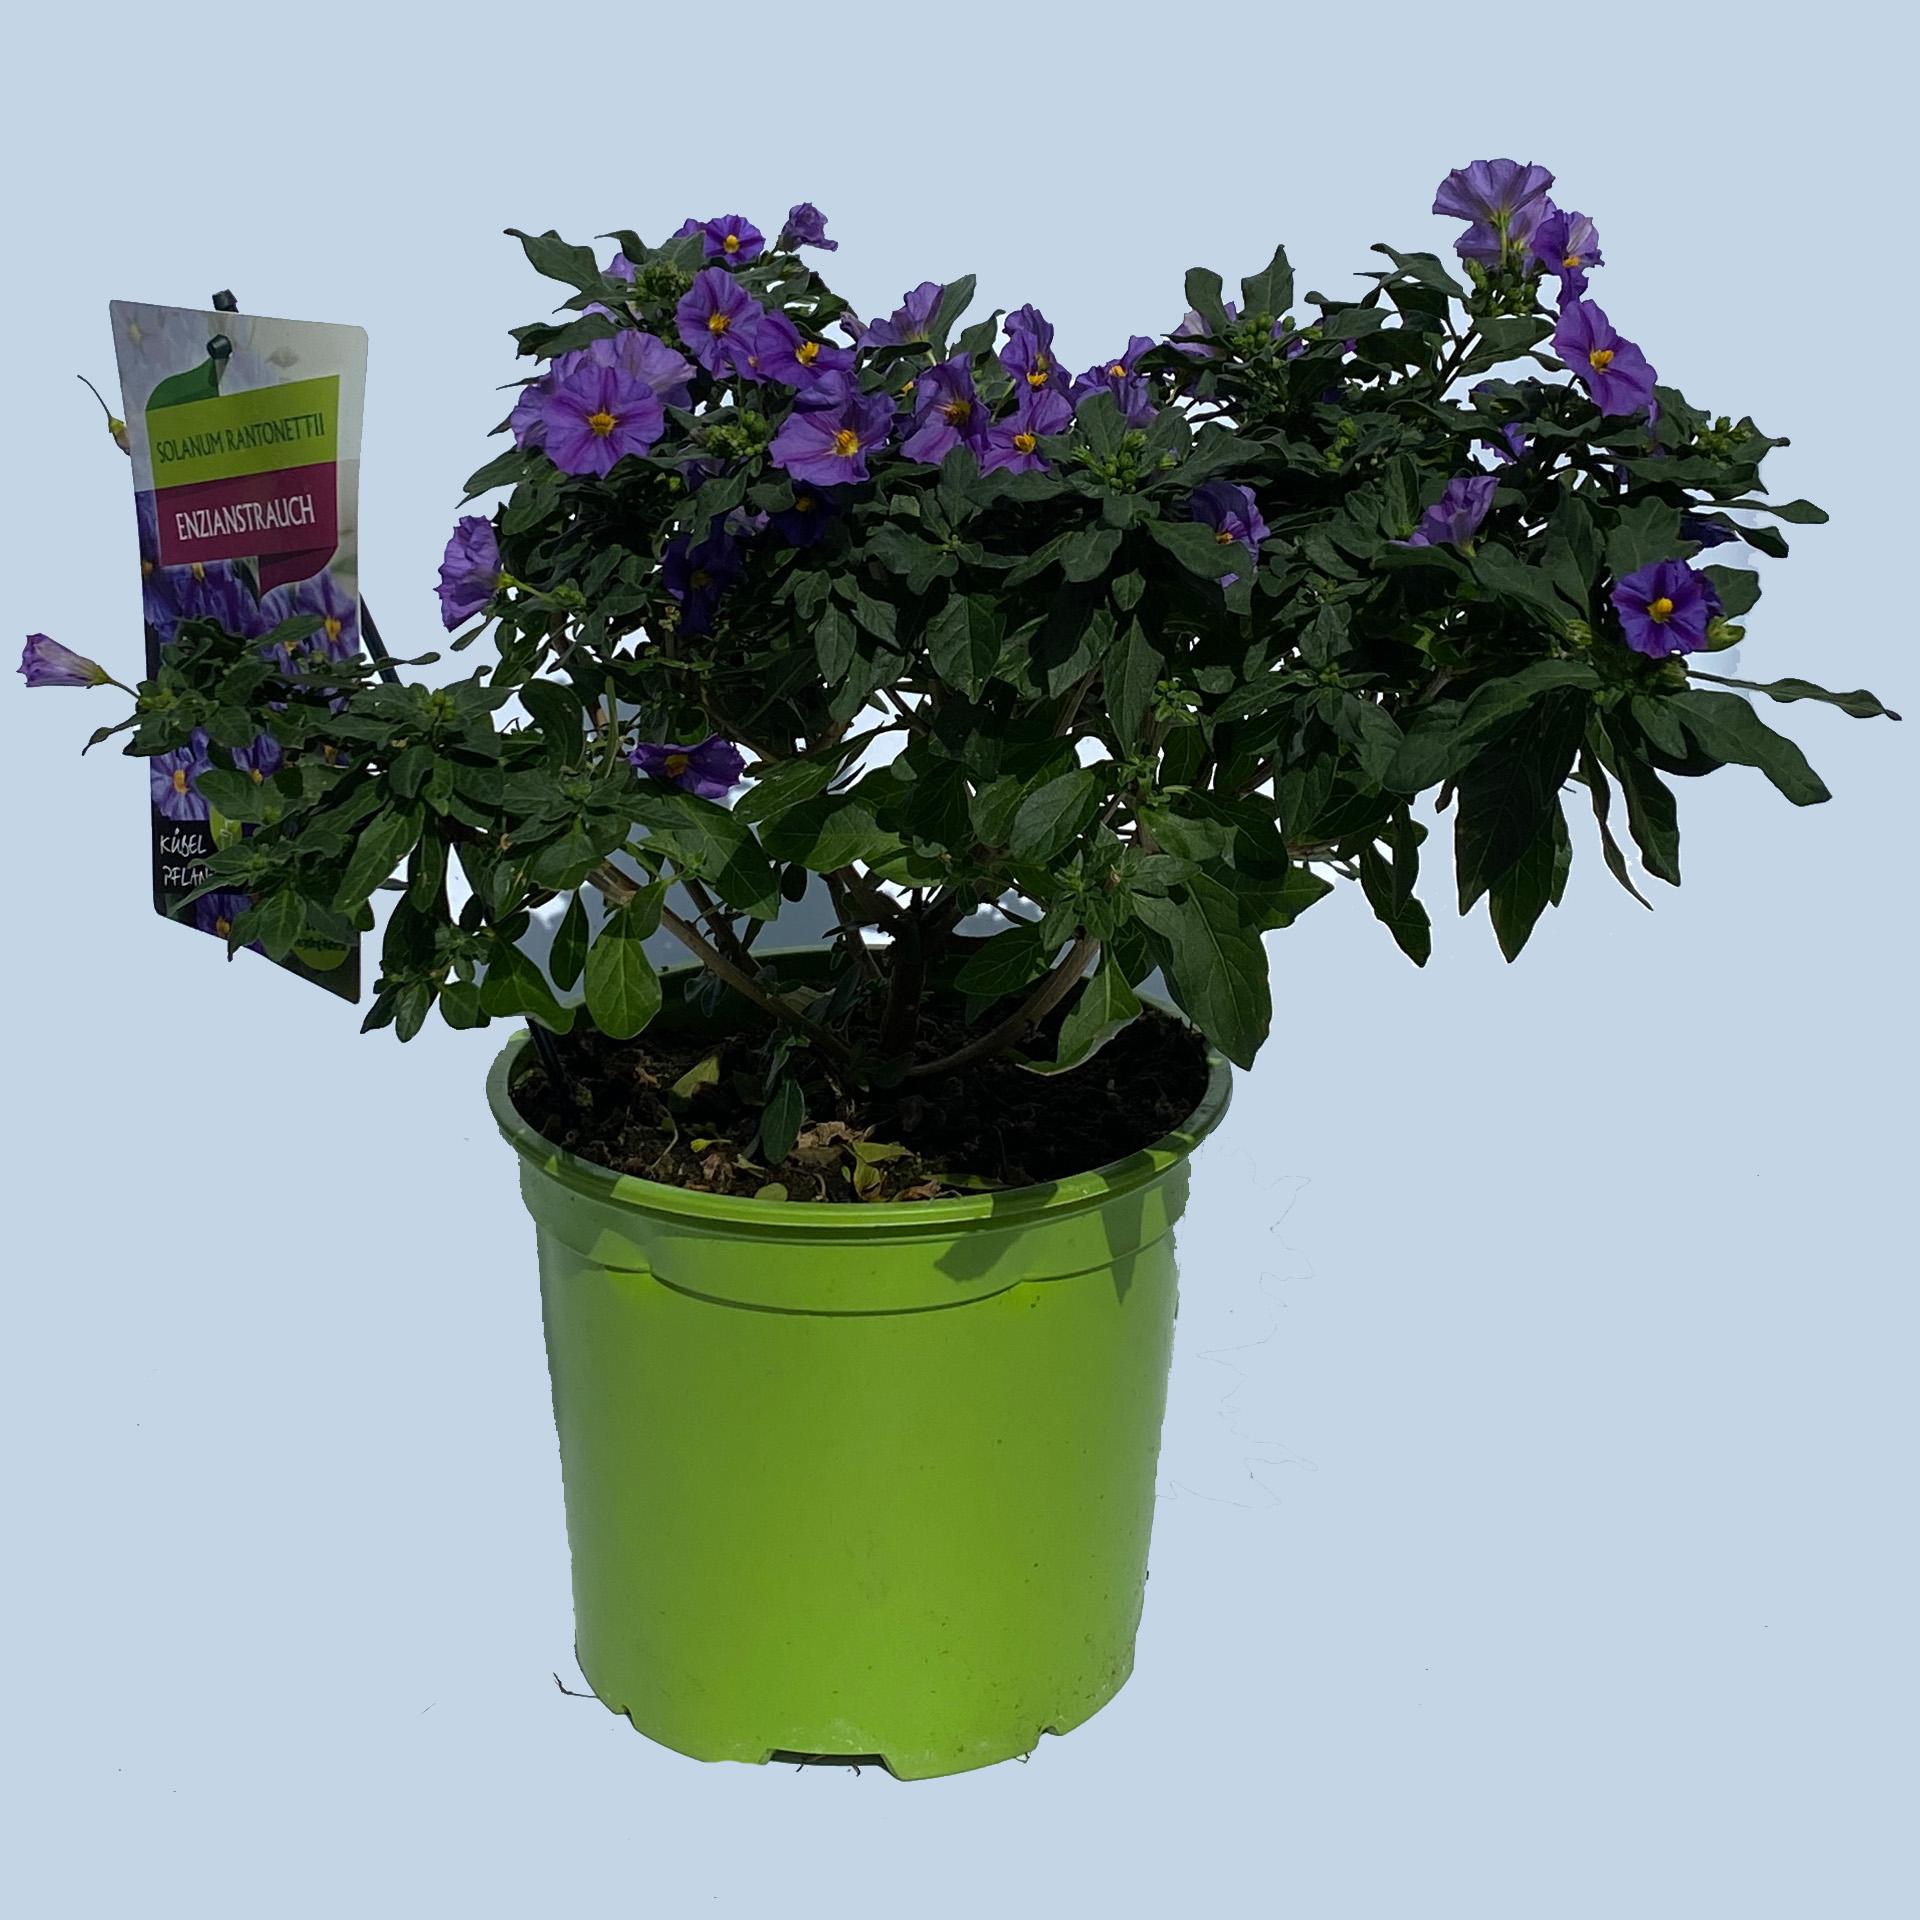 Enzianstrauch - Solanum rantonettii blau, 19cm Topf